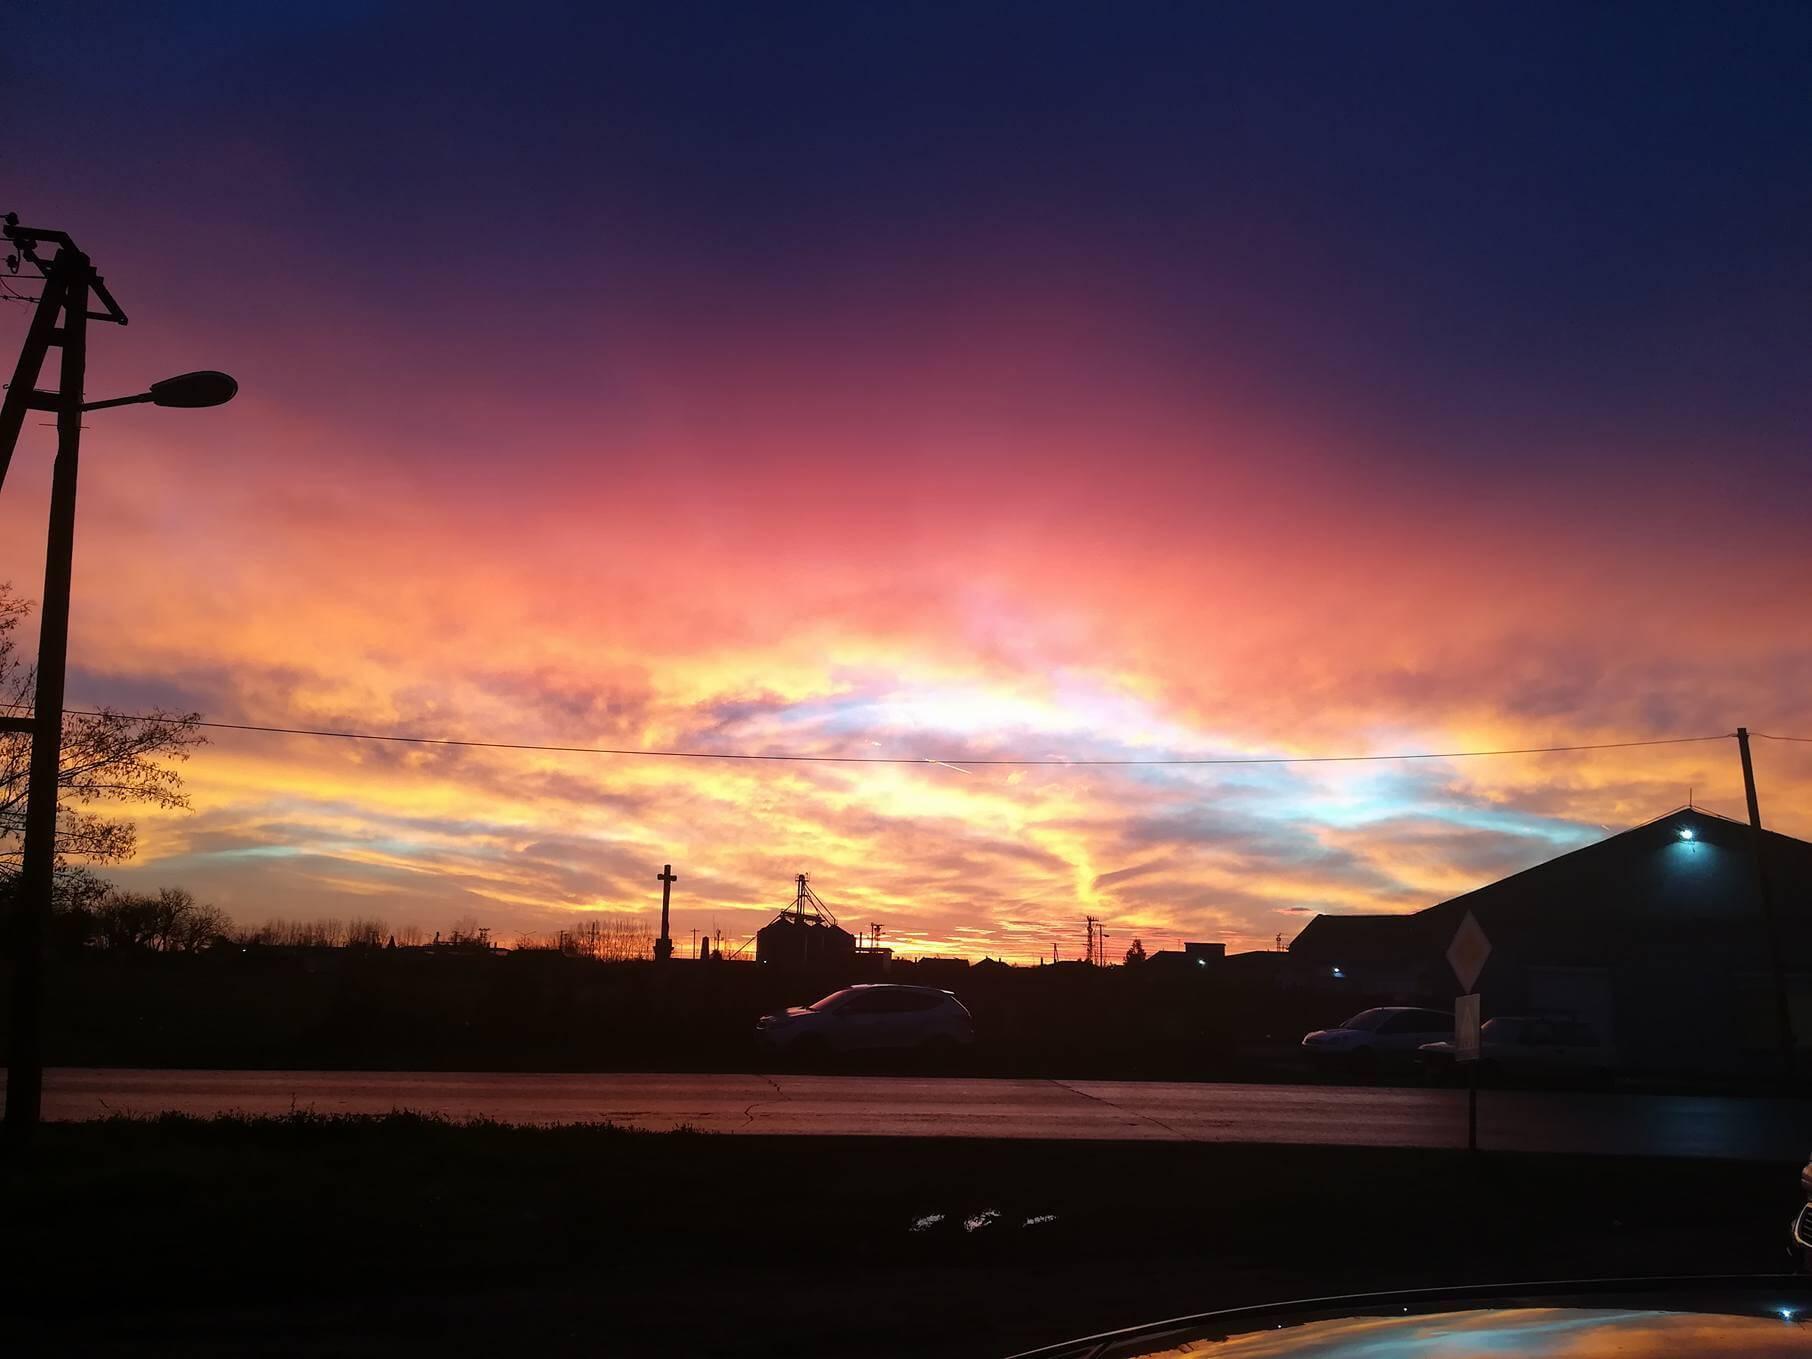 Izlazak sunca Novi Bečej - 12. dec (Foto: Slobodan Blazin)